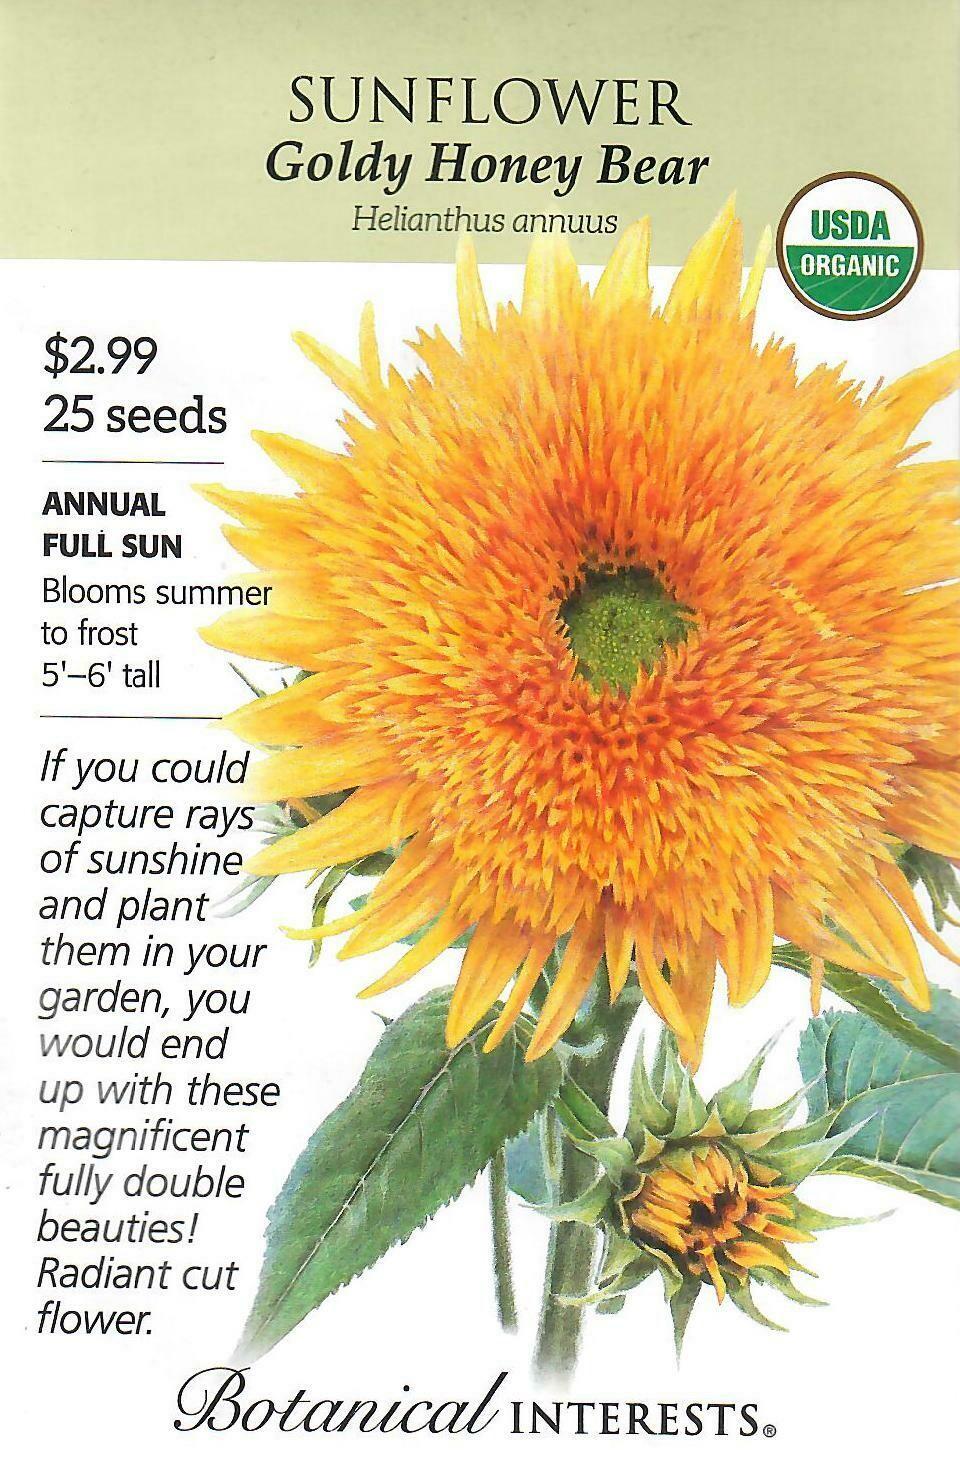 Sunflower Goldy Honey Bear Org Botanical Interests